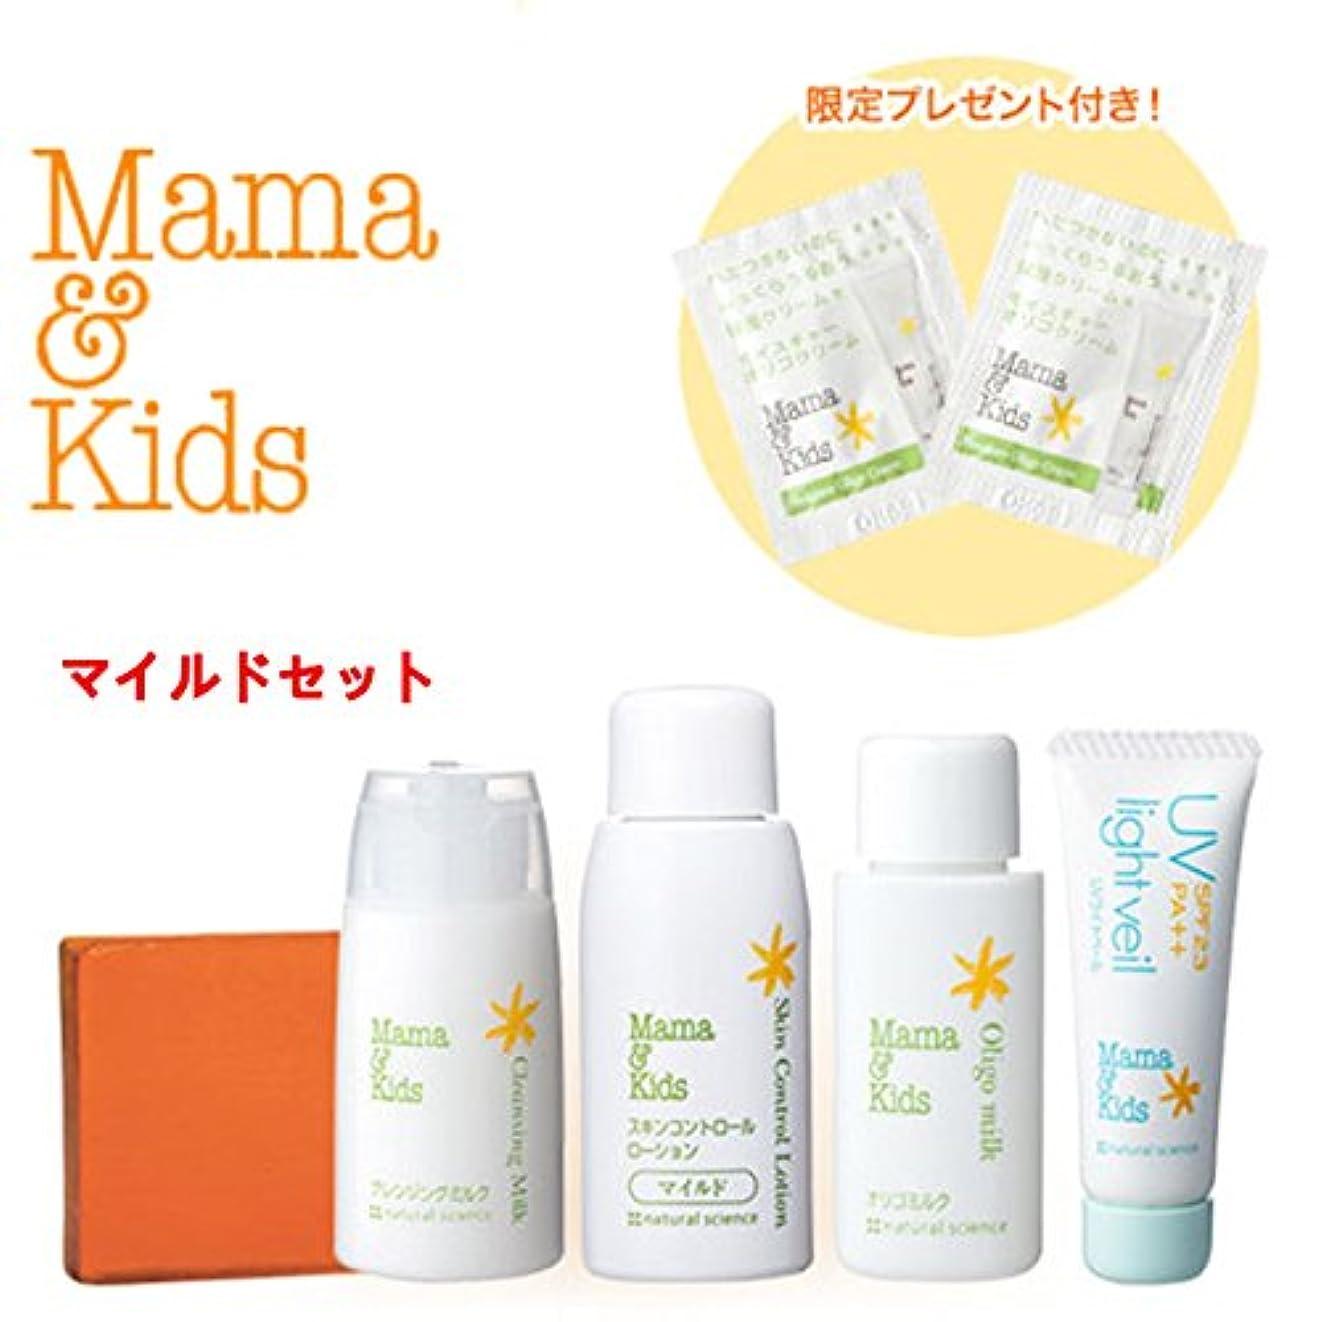 終了する気分が悪いディスコママ&キッズぷるぷるお肌トライアルセット(マイルド)/Mama&Kids SkinCare Travel set/孕期基础护肤试用装普通保湿